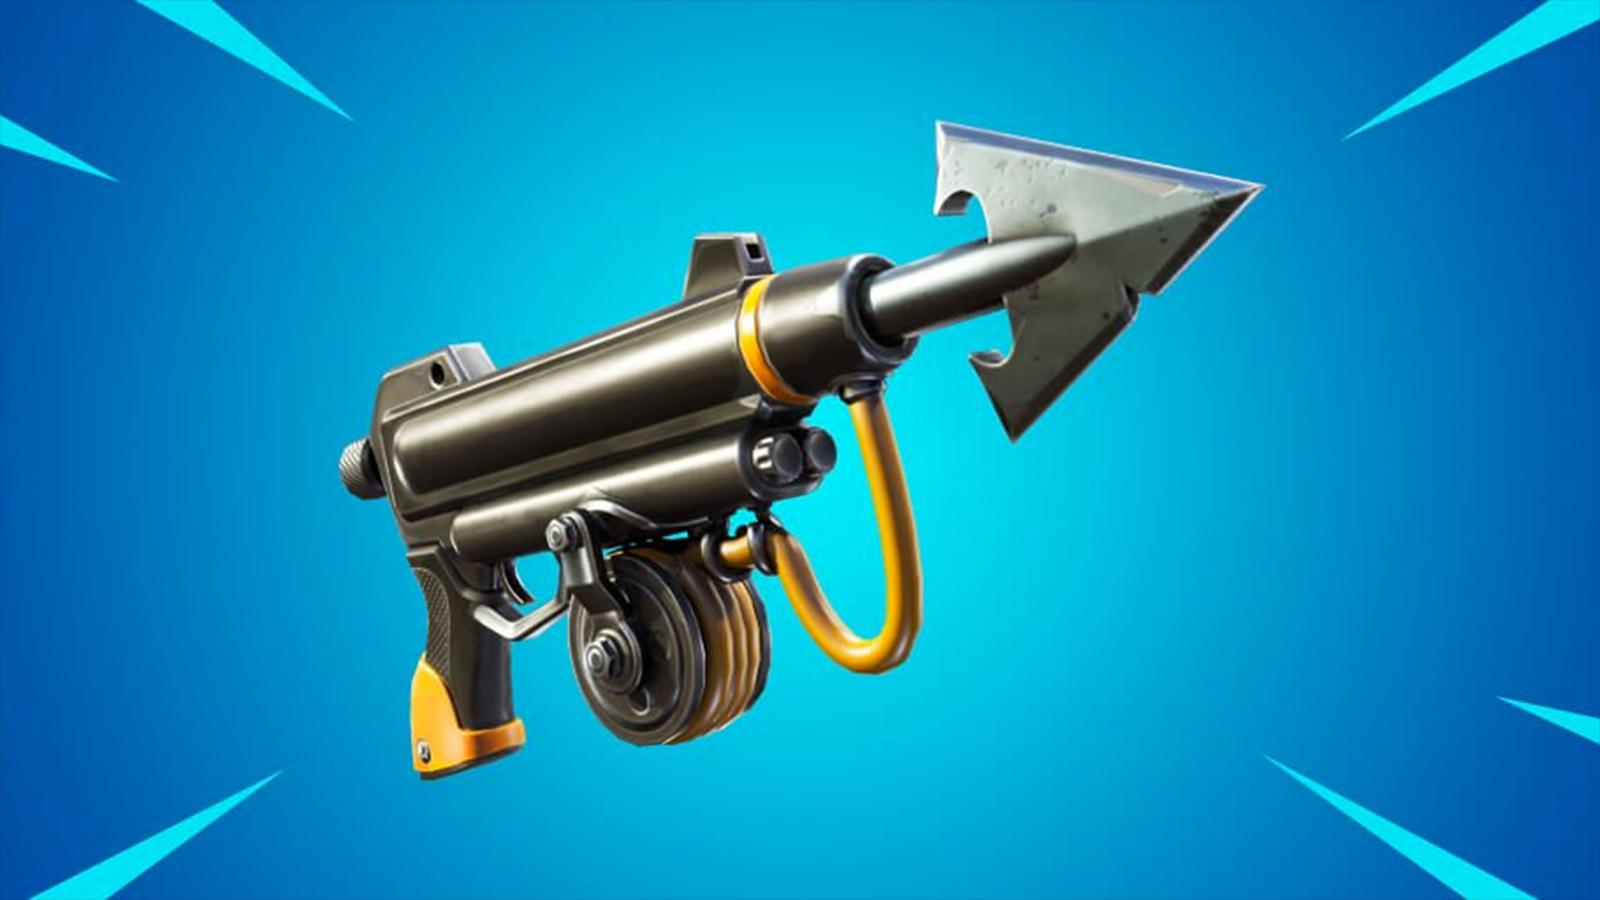 Fortnite harpoon gun